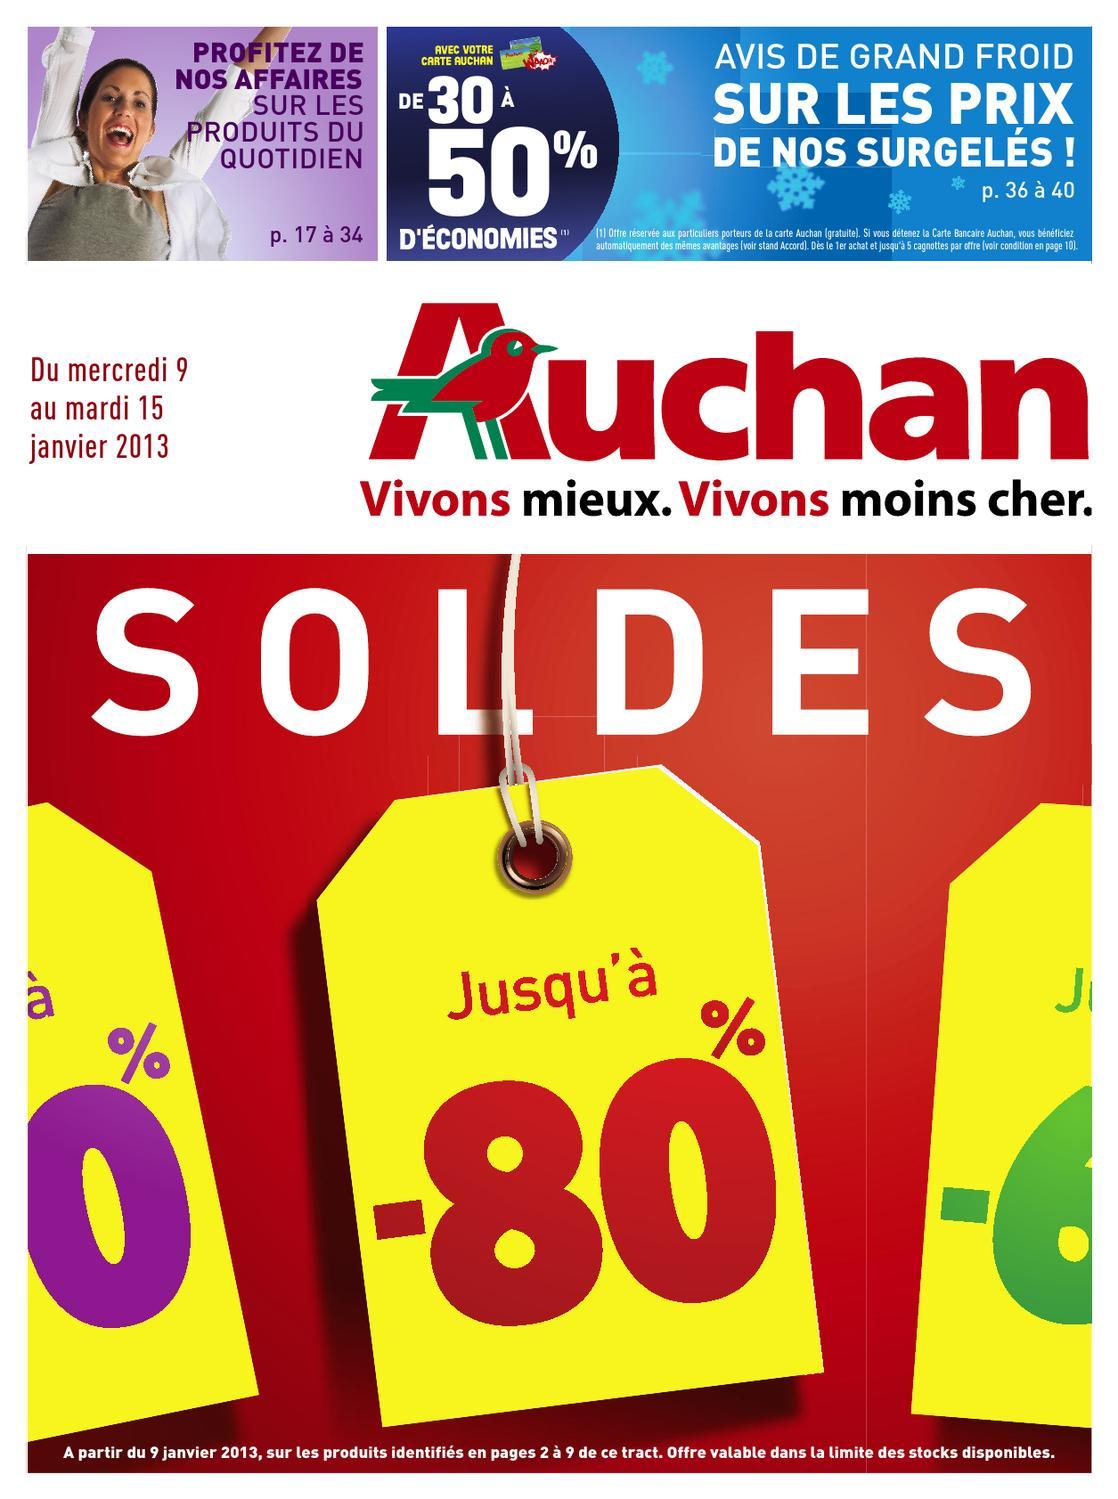 Auchan Catalogue 9 15 Janvier 2013 By Promocataloguescom